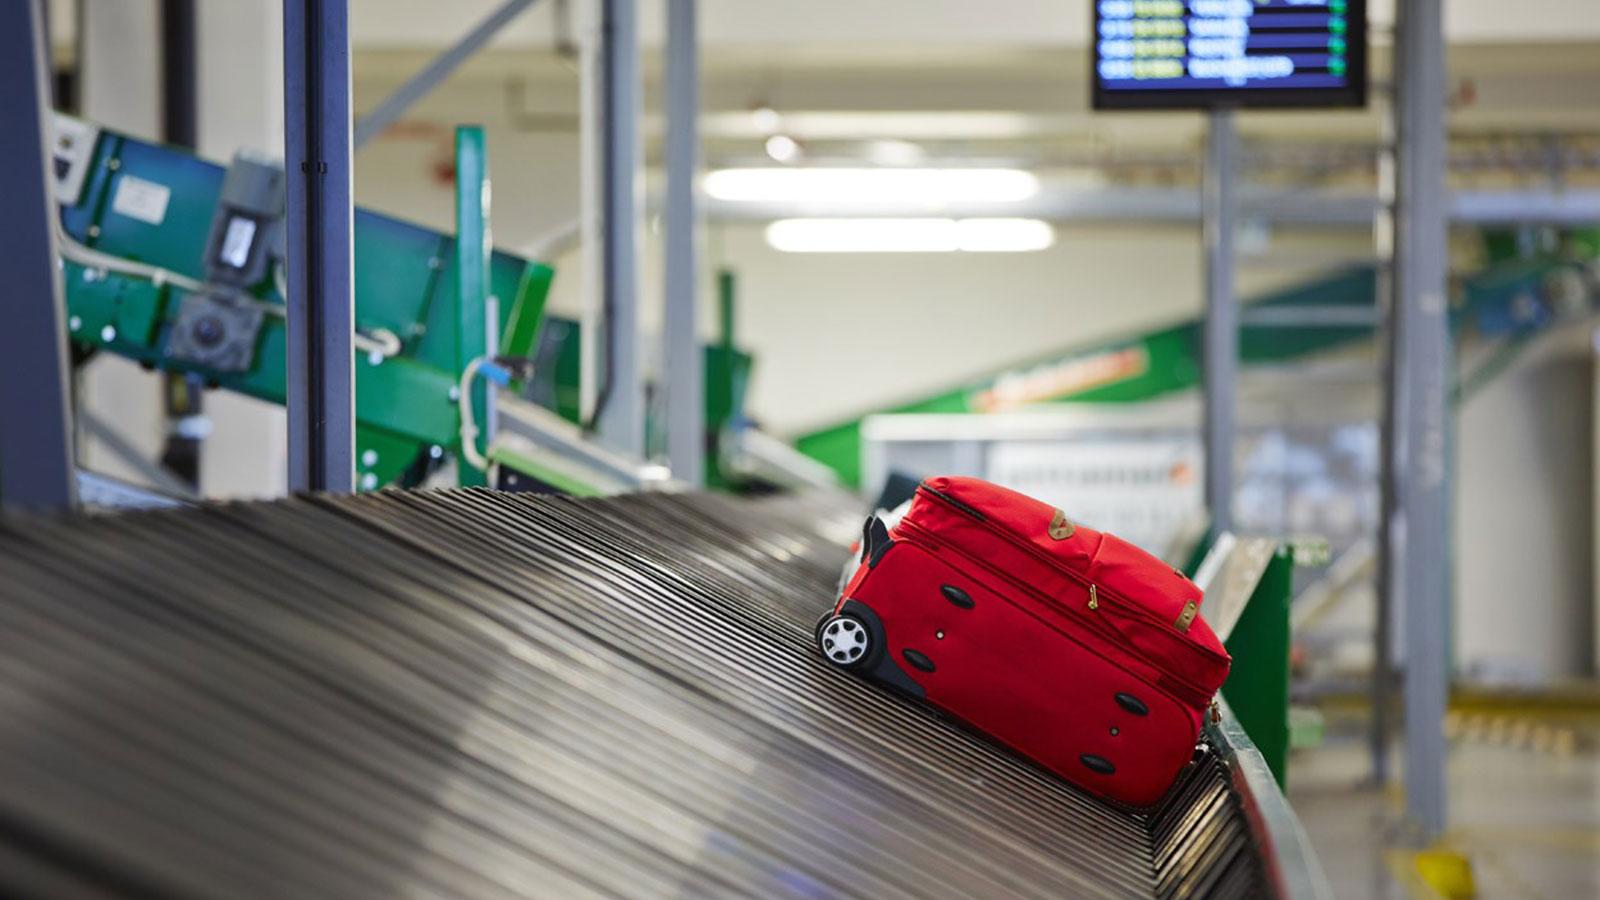 Uçakta Taşıması Yasak Olan Maddeler